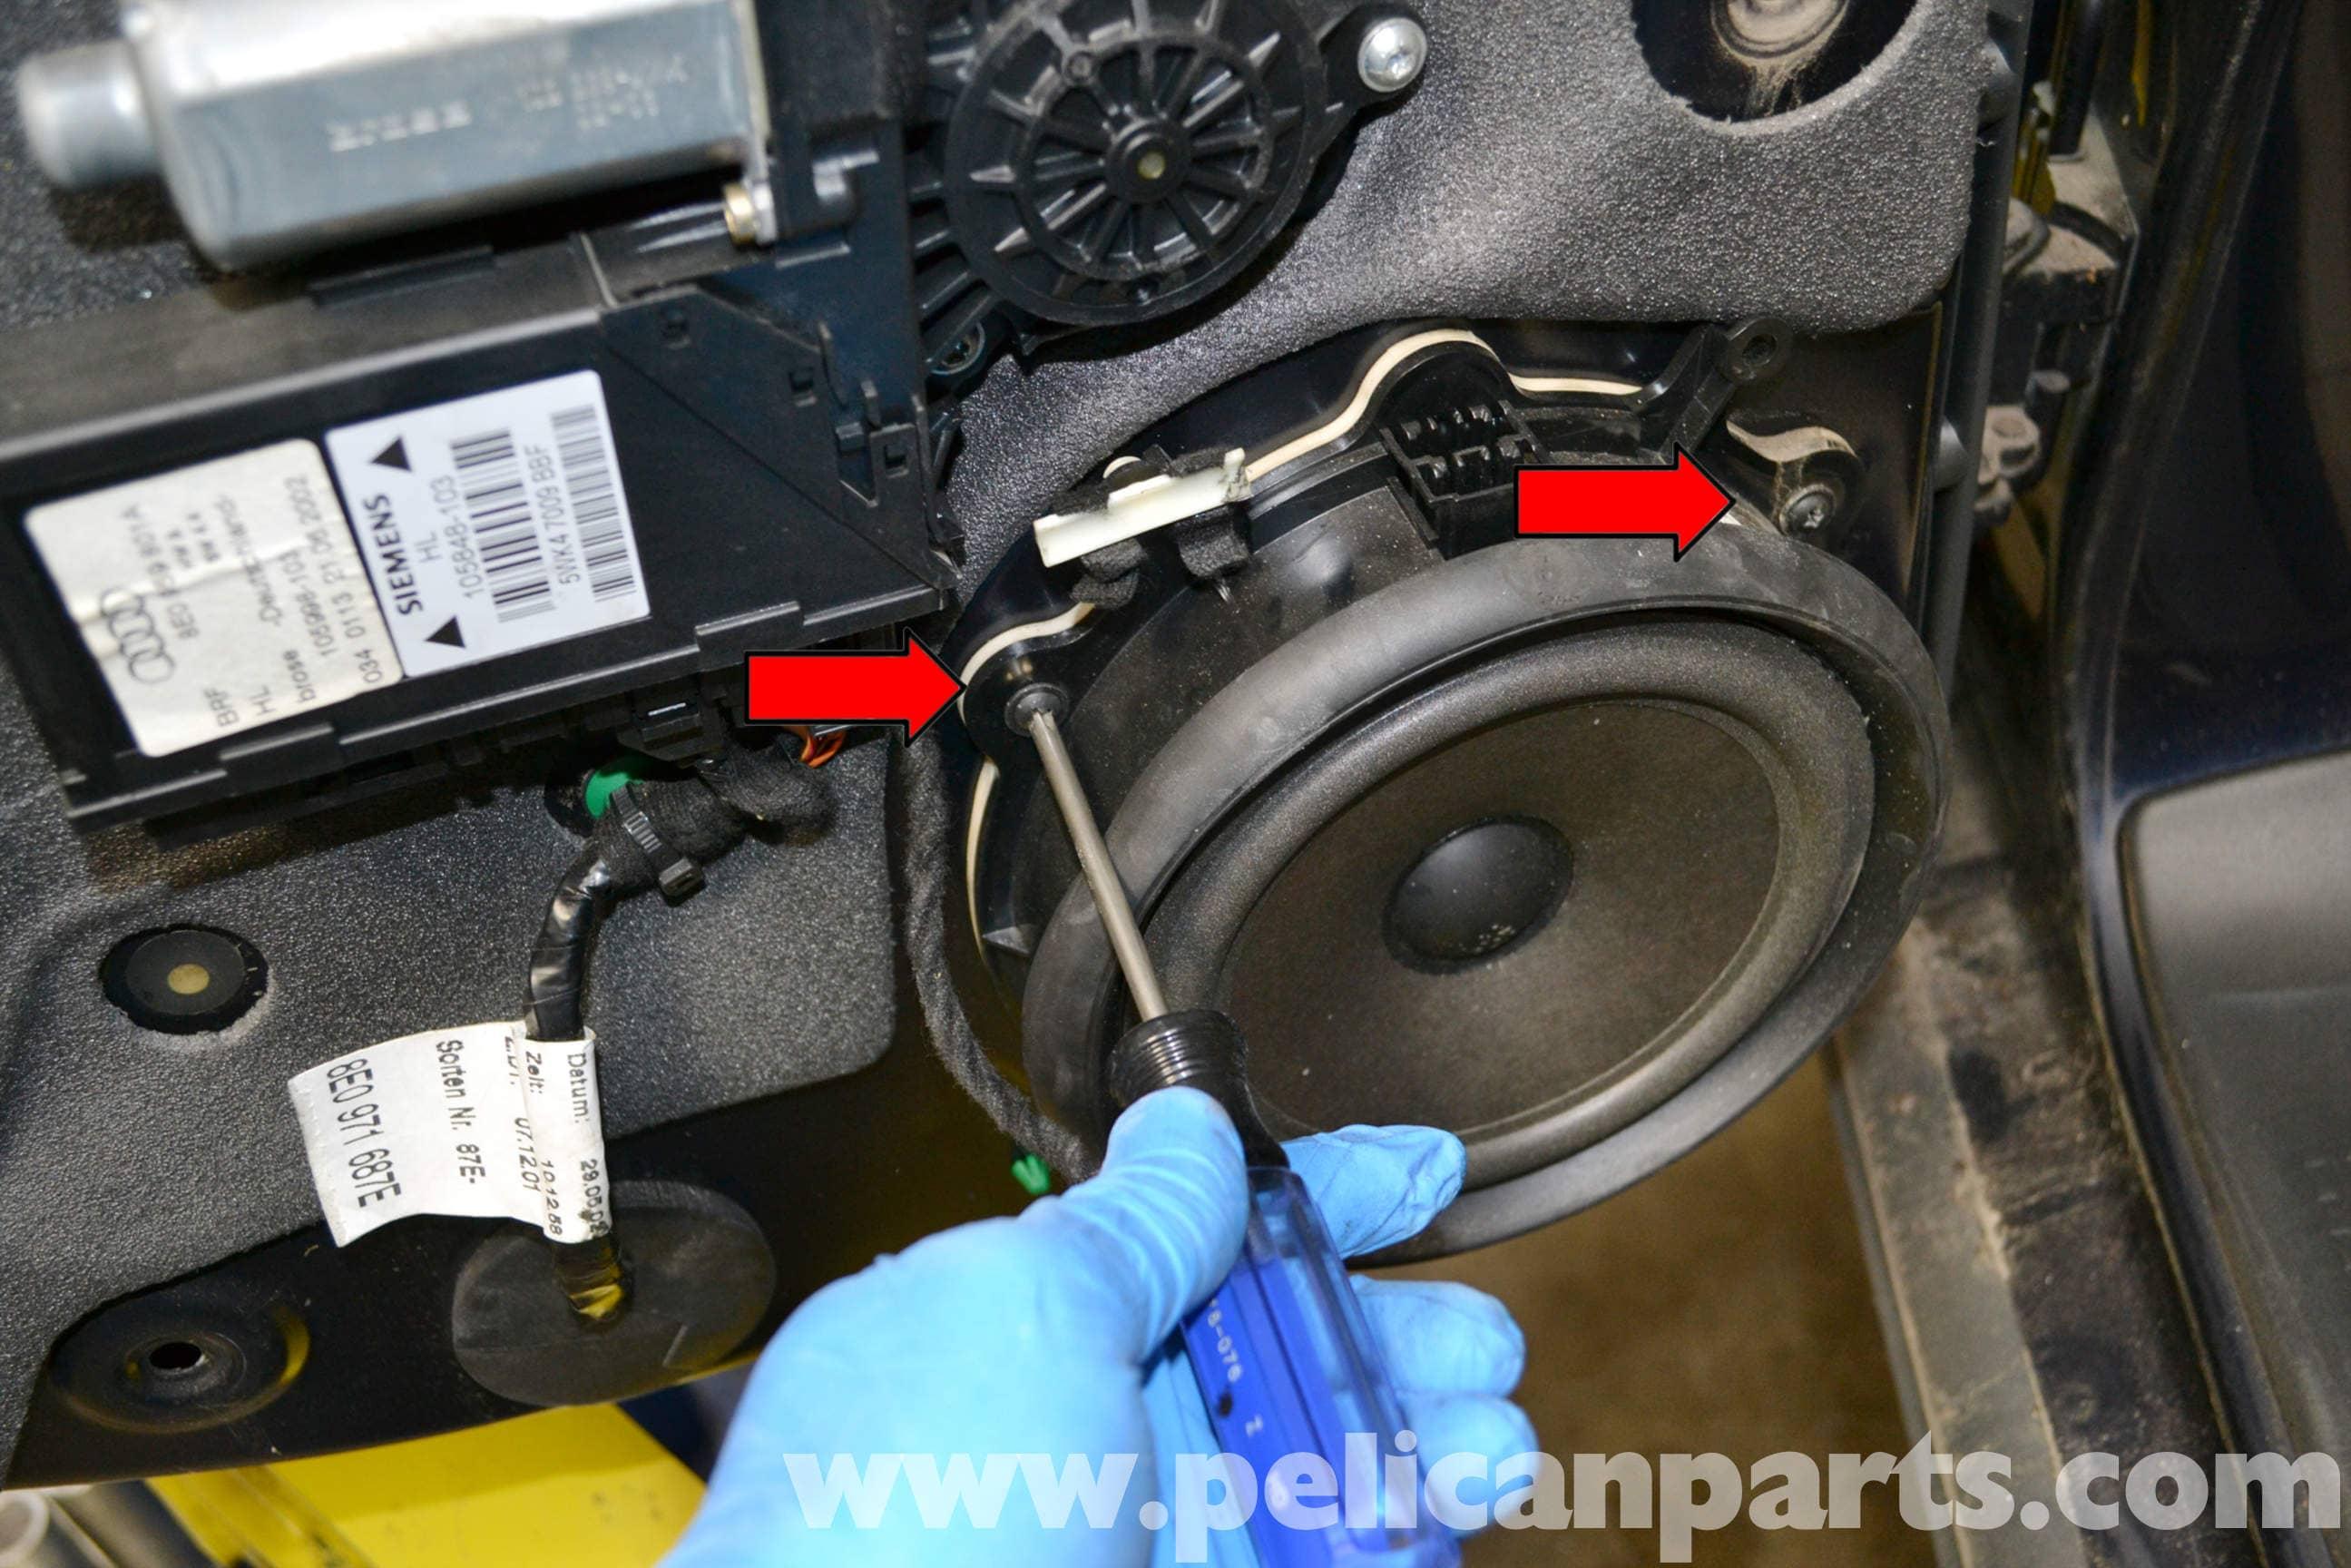 audi a4 b6 rear window regulator replacement 2002 2008 pelican rh pelicanparts com Audi A4 Quattro 2003 Audi A4 1.8T Exhaust